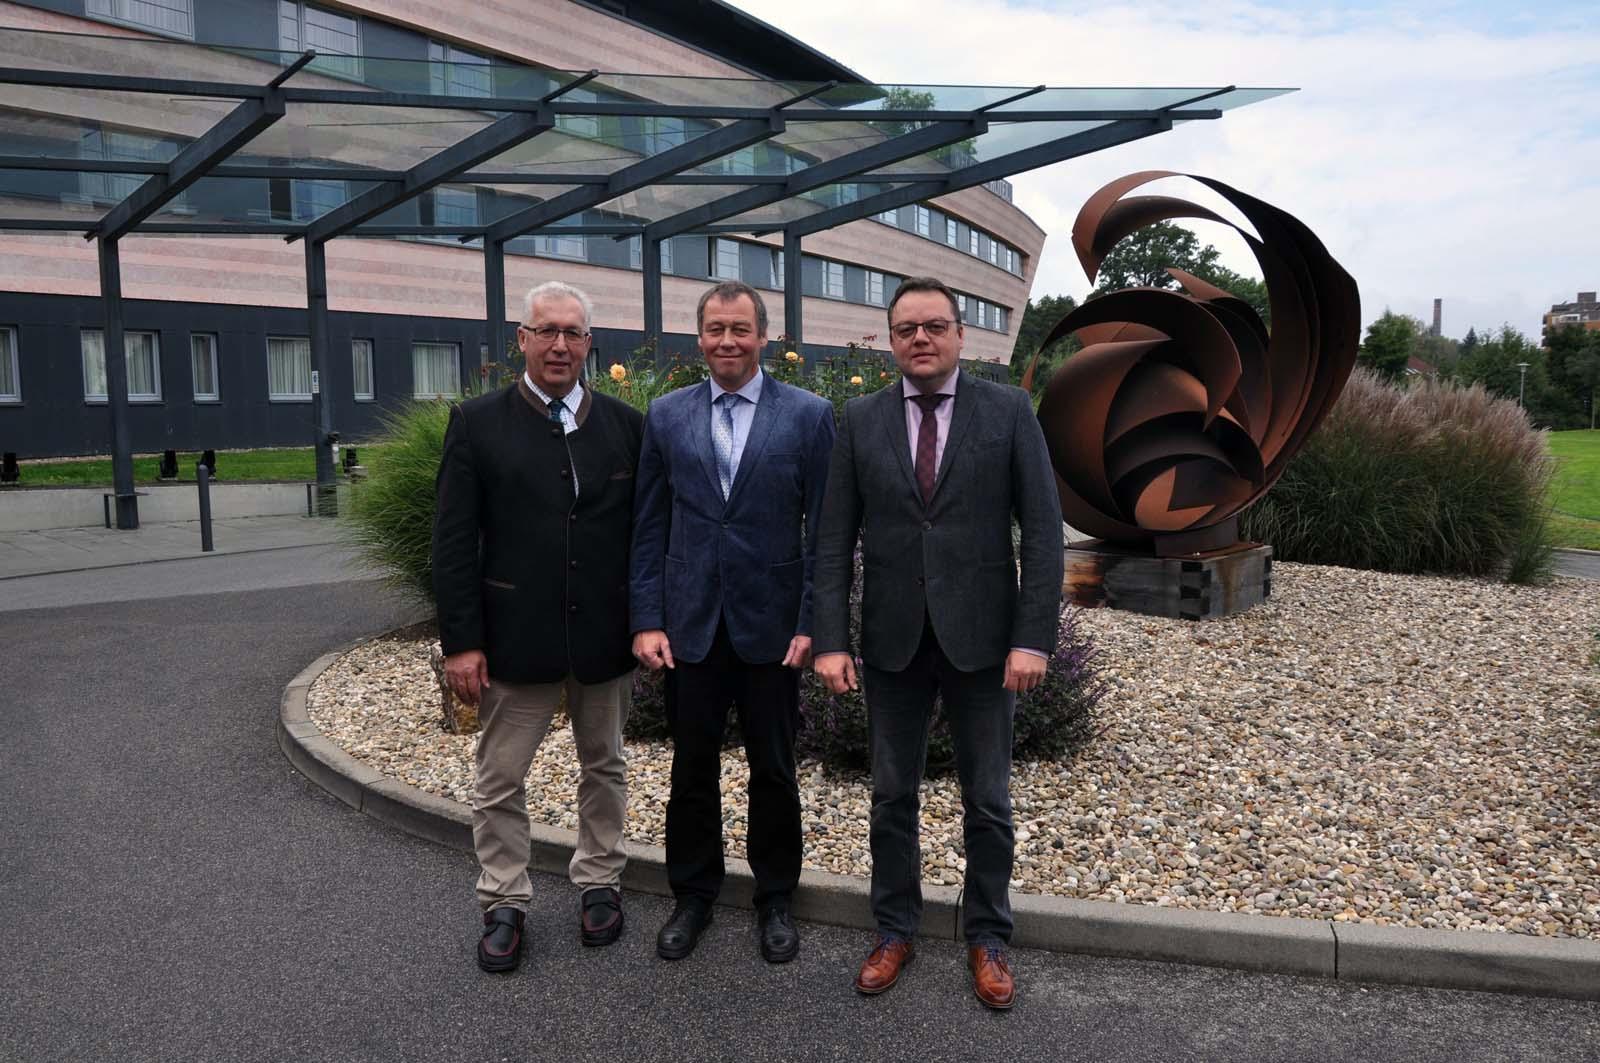 Im Zuge der turnusmäßigen Wahlen zum Vorstand des BTG e. V. wurden Präsident Ekkehard Horrmann (mitte), Vizepräsident Johannes Billen (links) und Geschäftsführer Joachim Hartmann für weitere vier Jahre in ihren Ämtern bestätigt.